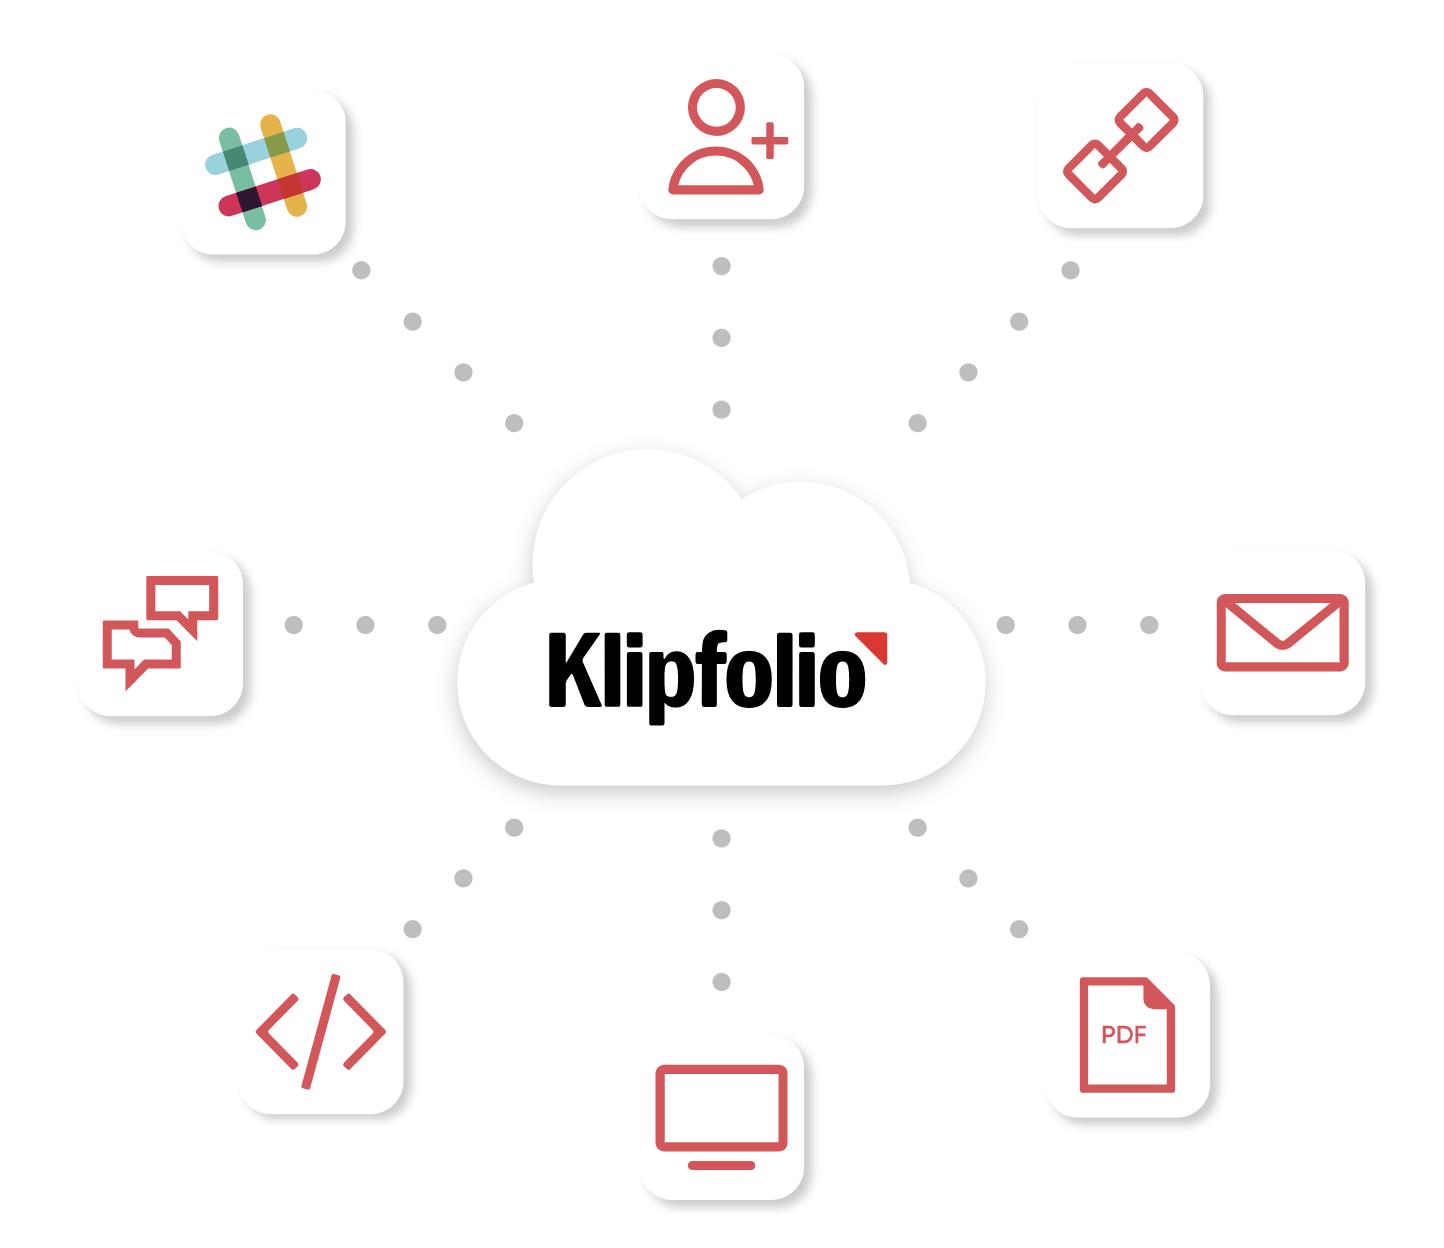 klipfolio sharing